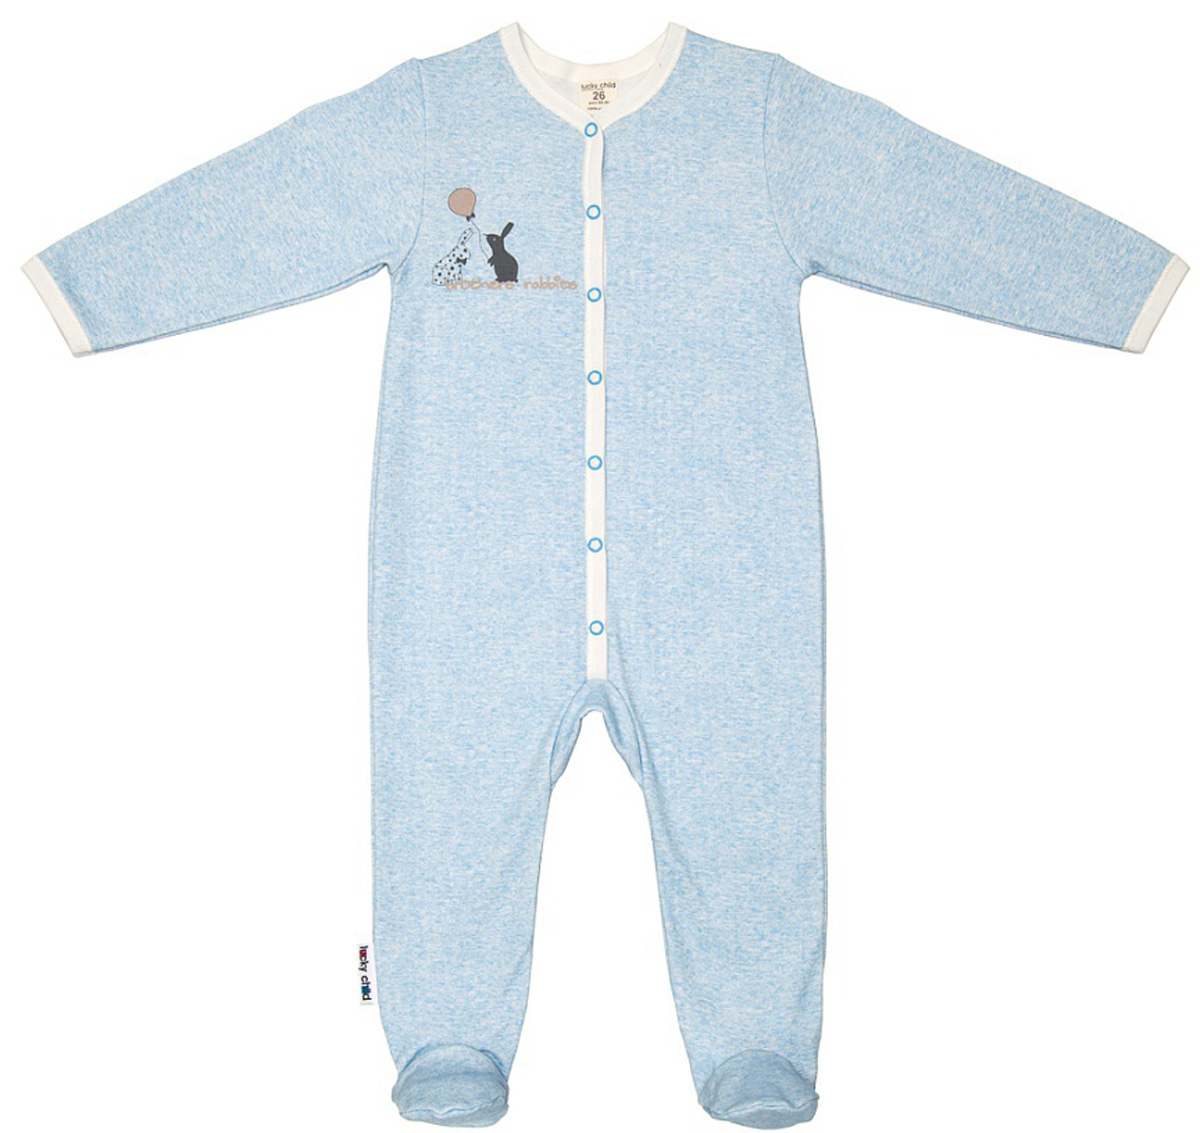 Комбинезон домашний детский Luky Child, цвет: голубой. А1-103/голубой. Размер 74/80А1-103/голубойДетский комбинезон Lucky Child - очень удобный и практичный вид одежды для малышей. Комбинезон выполнен из натурального хлопка, благодаря чему он необычайно мягкий и приятный на ощупь, не раздражают нежную кожу ребенка и хорошо вентилируются, а эластичные швы приятны телу малыша и не препятствуют его движениям. Комбинезон с длинными рукавами и закрытыми ножками имеет застежки-кнопки, которые помогают легко переодеть младенца или сменить подгузник. С детским комбинезоном Lucky Child спинка и ножки вашего малыша всегда будут в тепле, он идеален для использования днем и незаменим ночью. Комбинезон полностью соответствует особенностям жизни младенца в ранний период, не стесняя и не ограничивая его в движениях!